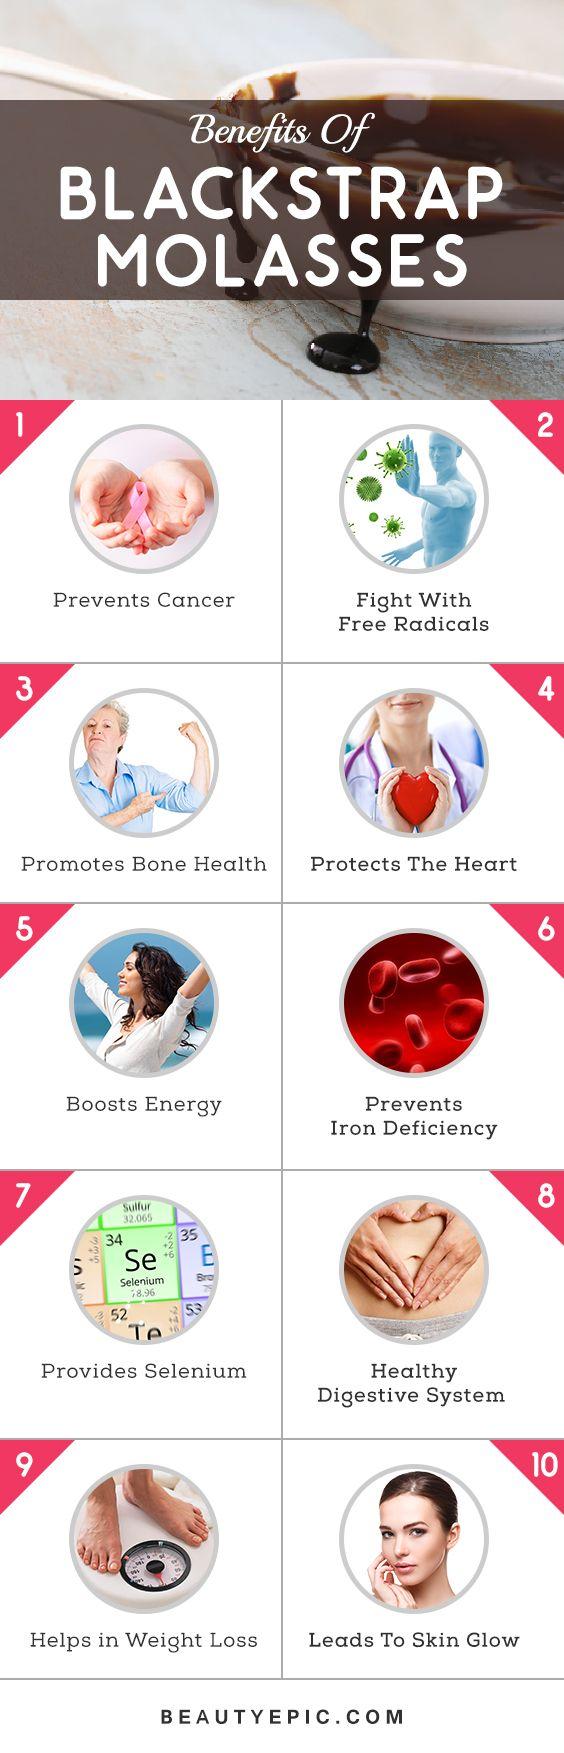 Top 10 Health Benefits of Blackstrap Molasses